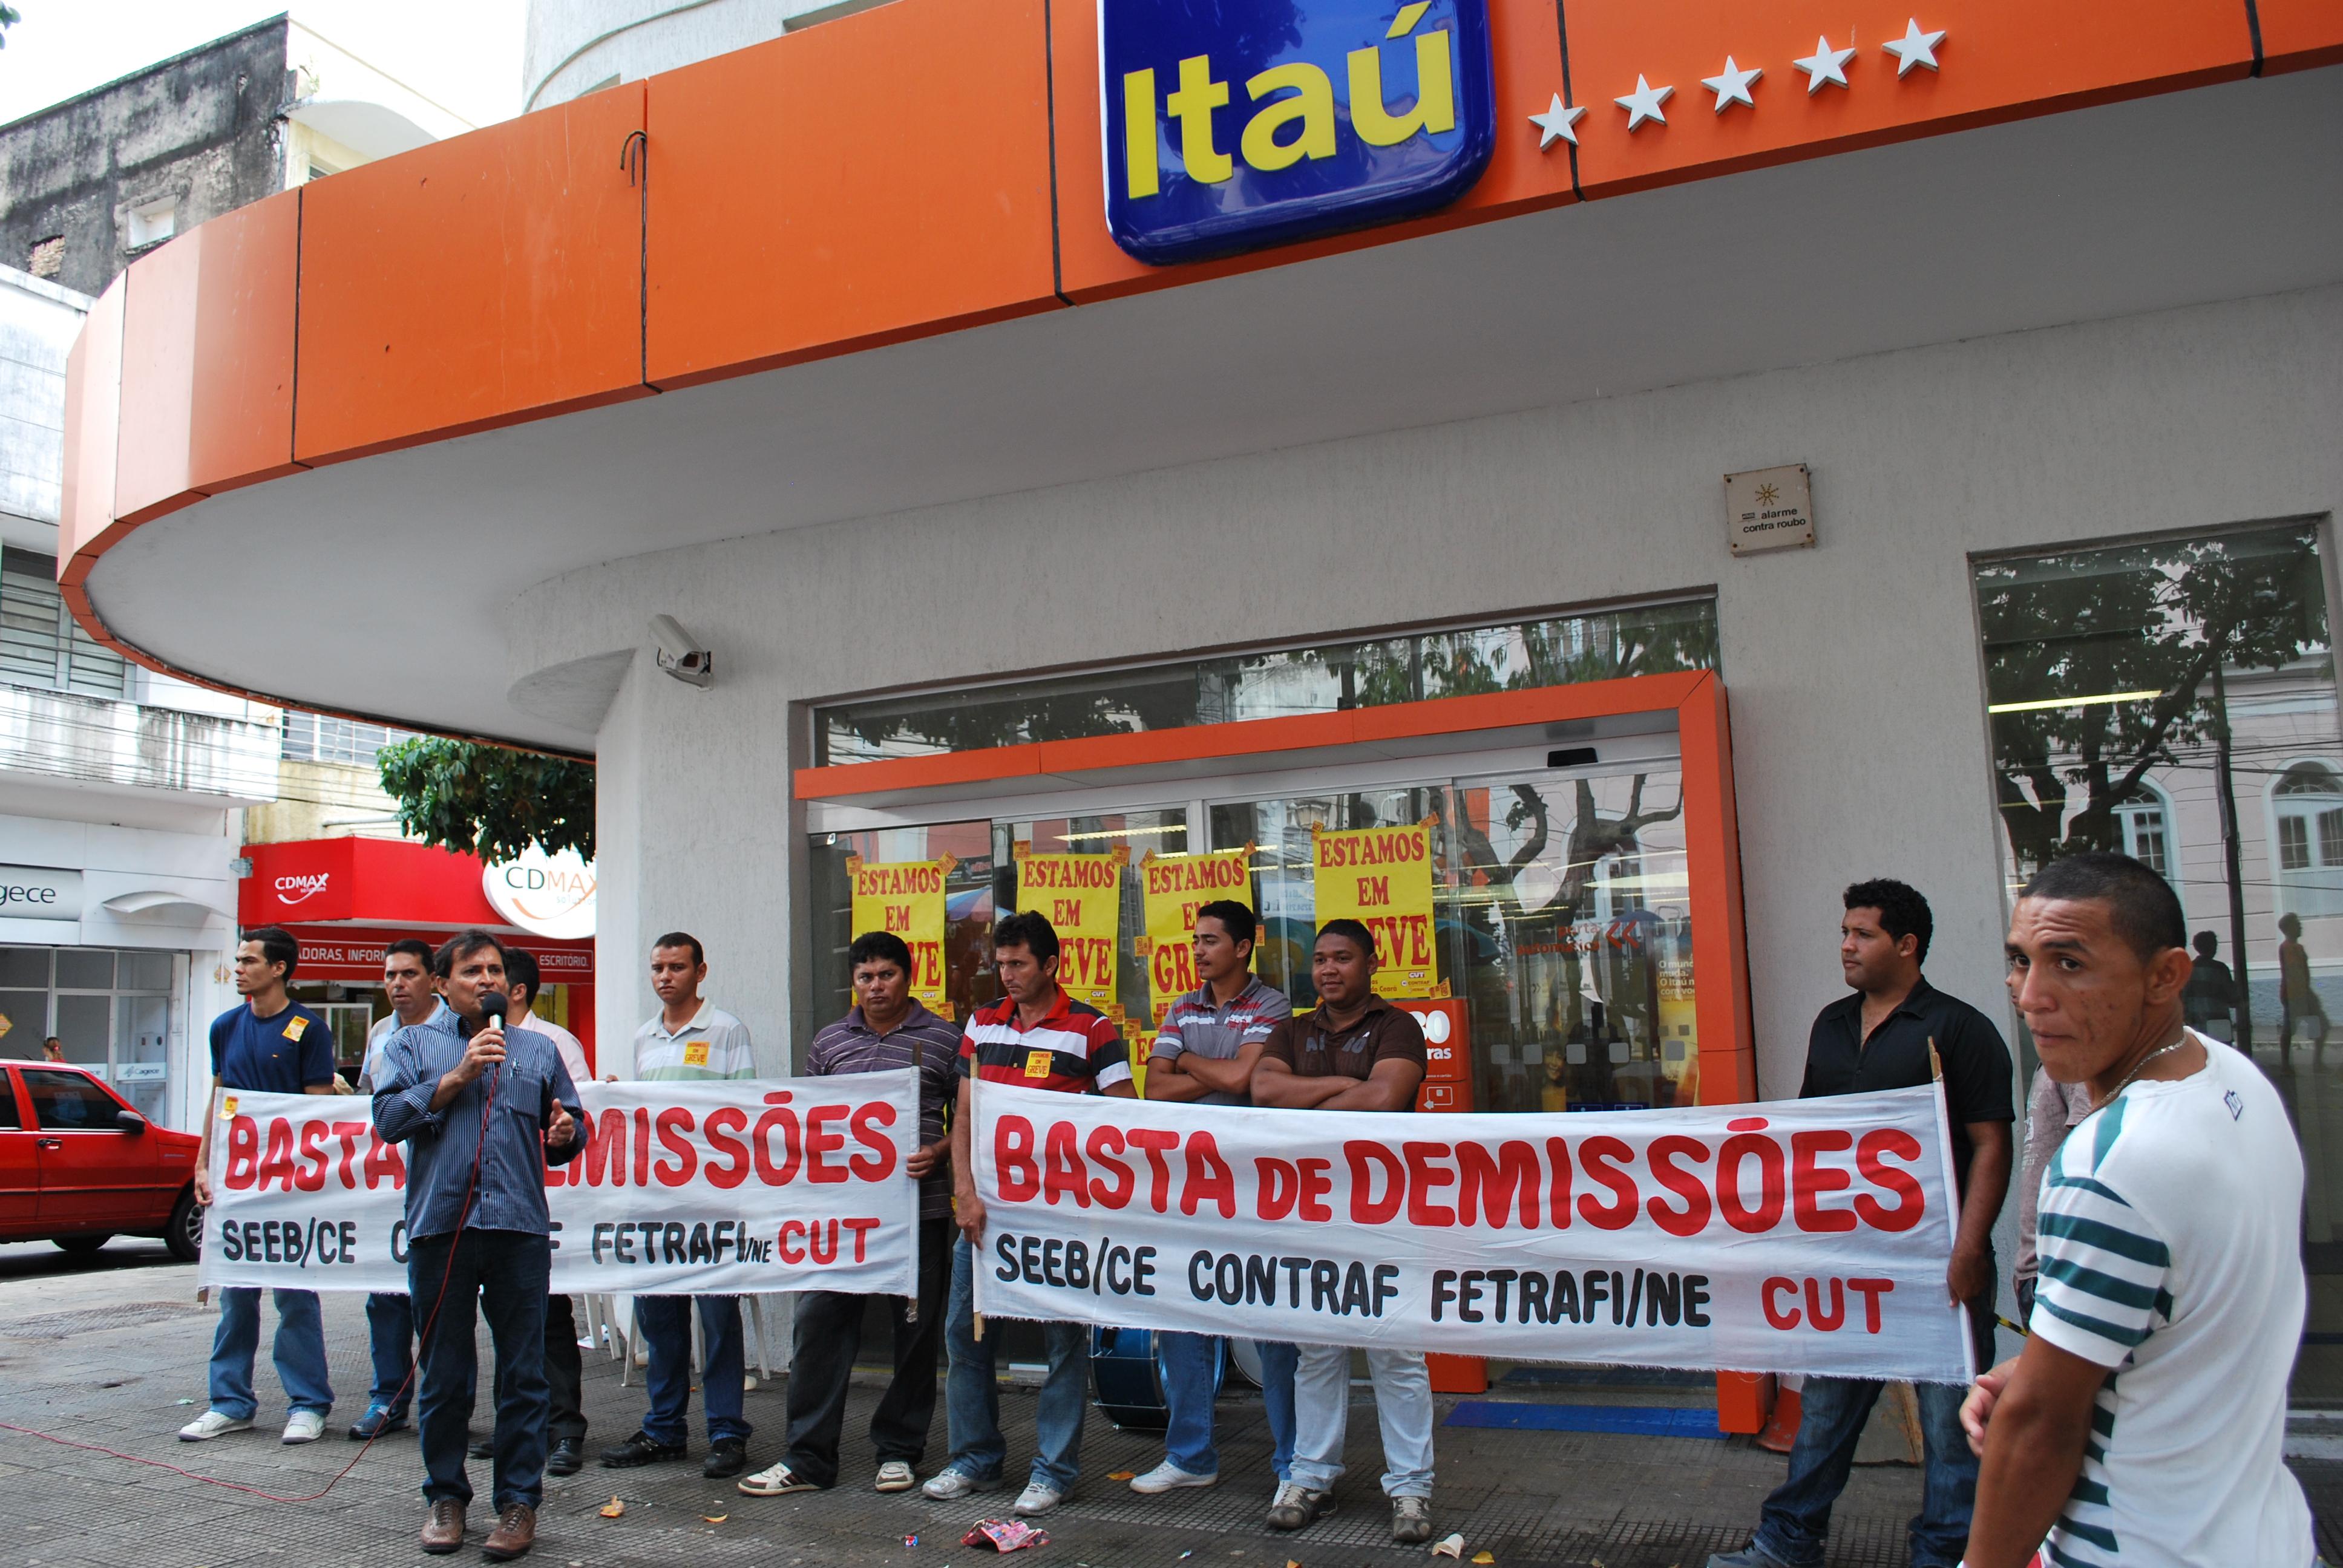 Banc�rios do Ita� entregam minuta de reivindica��es espec�ficas na quinta, dia 28